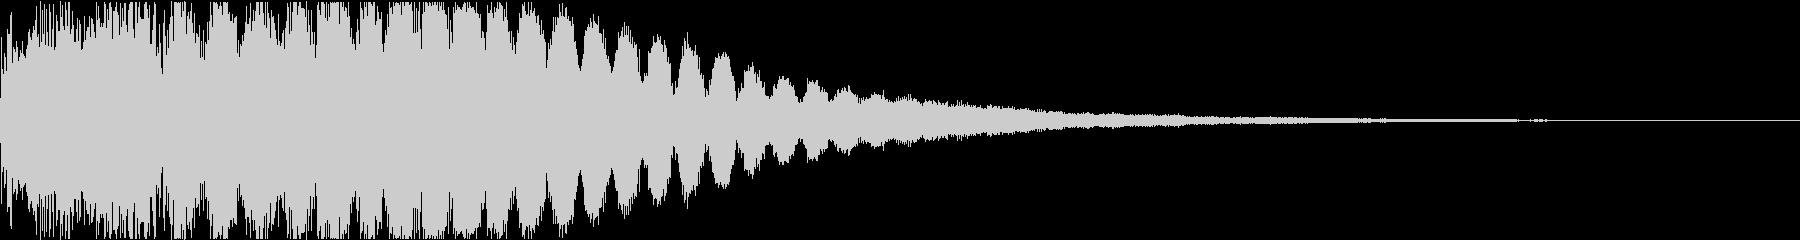 キュイン ギュイーン シャキーン 03の未再生の波形